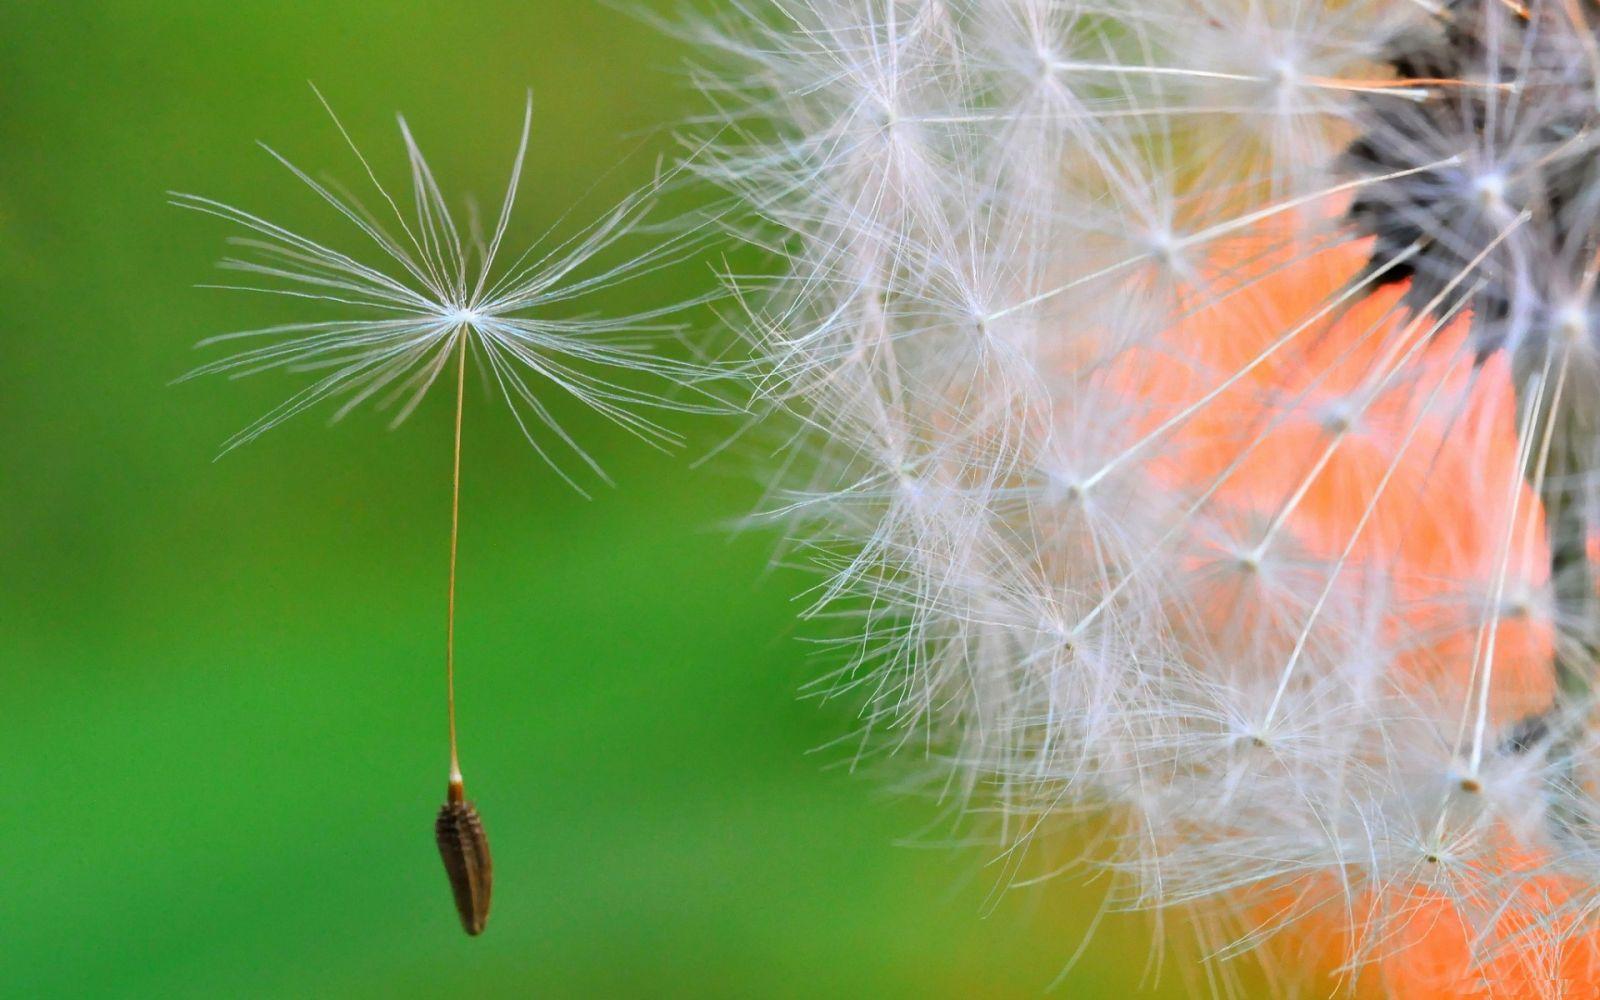 Hình nền hoa màu xanh đẹp